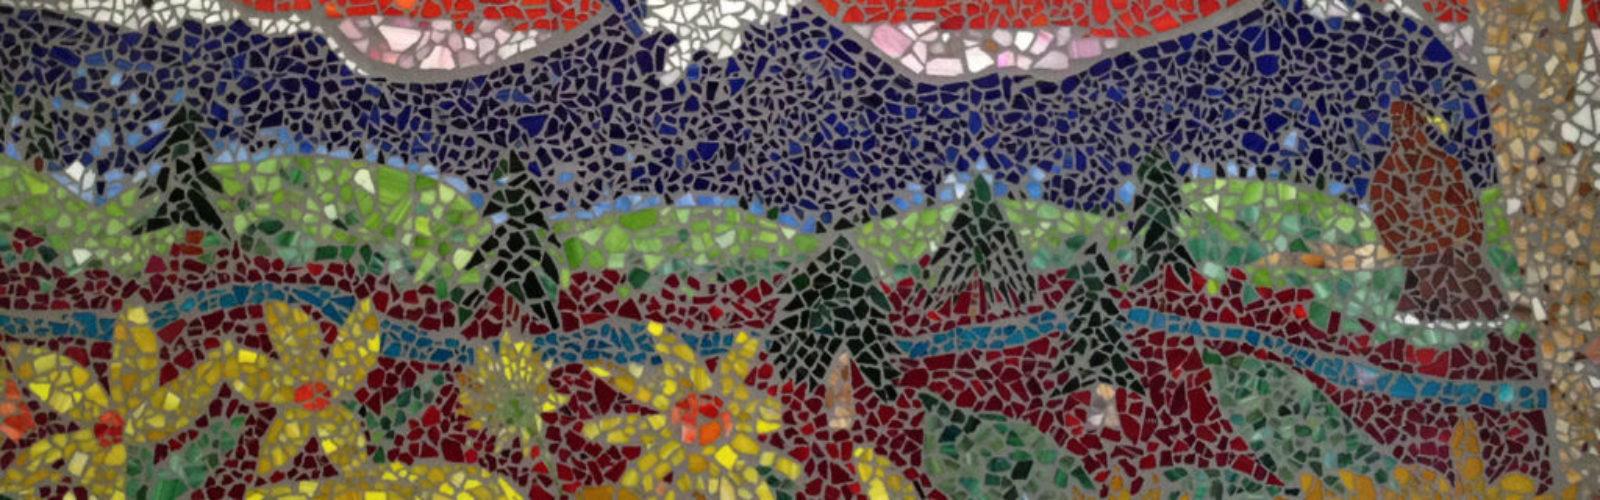 mvcc-mosaic